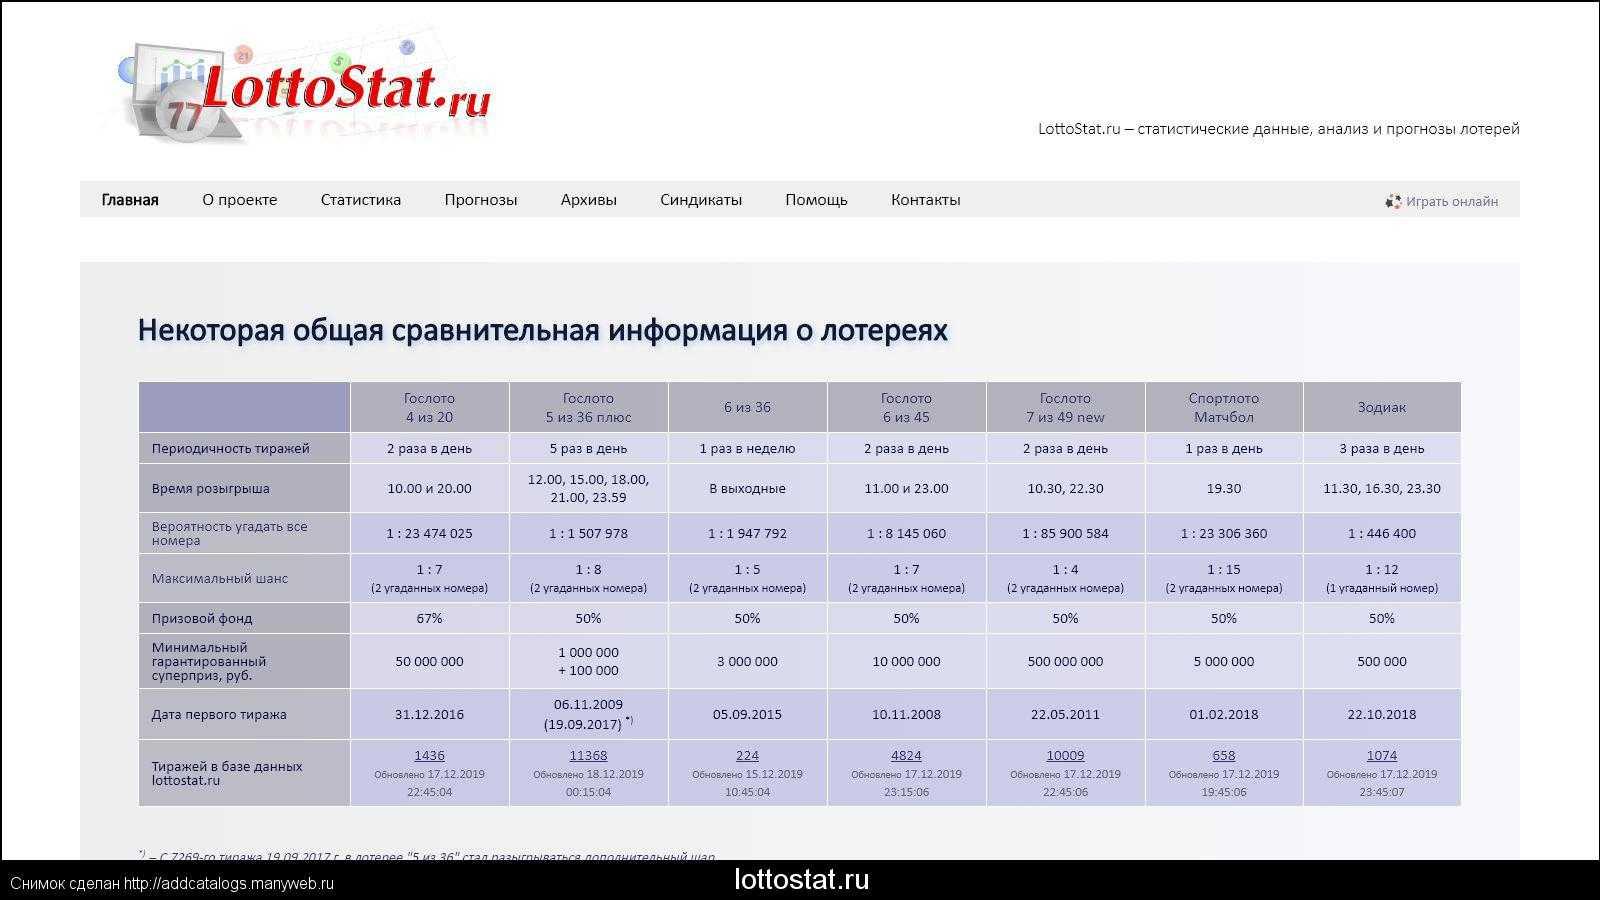 نتائج اليانصيب الشعبية من روسيا وحول العالم